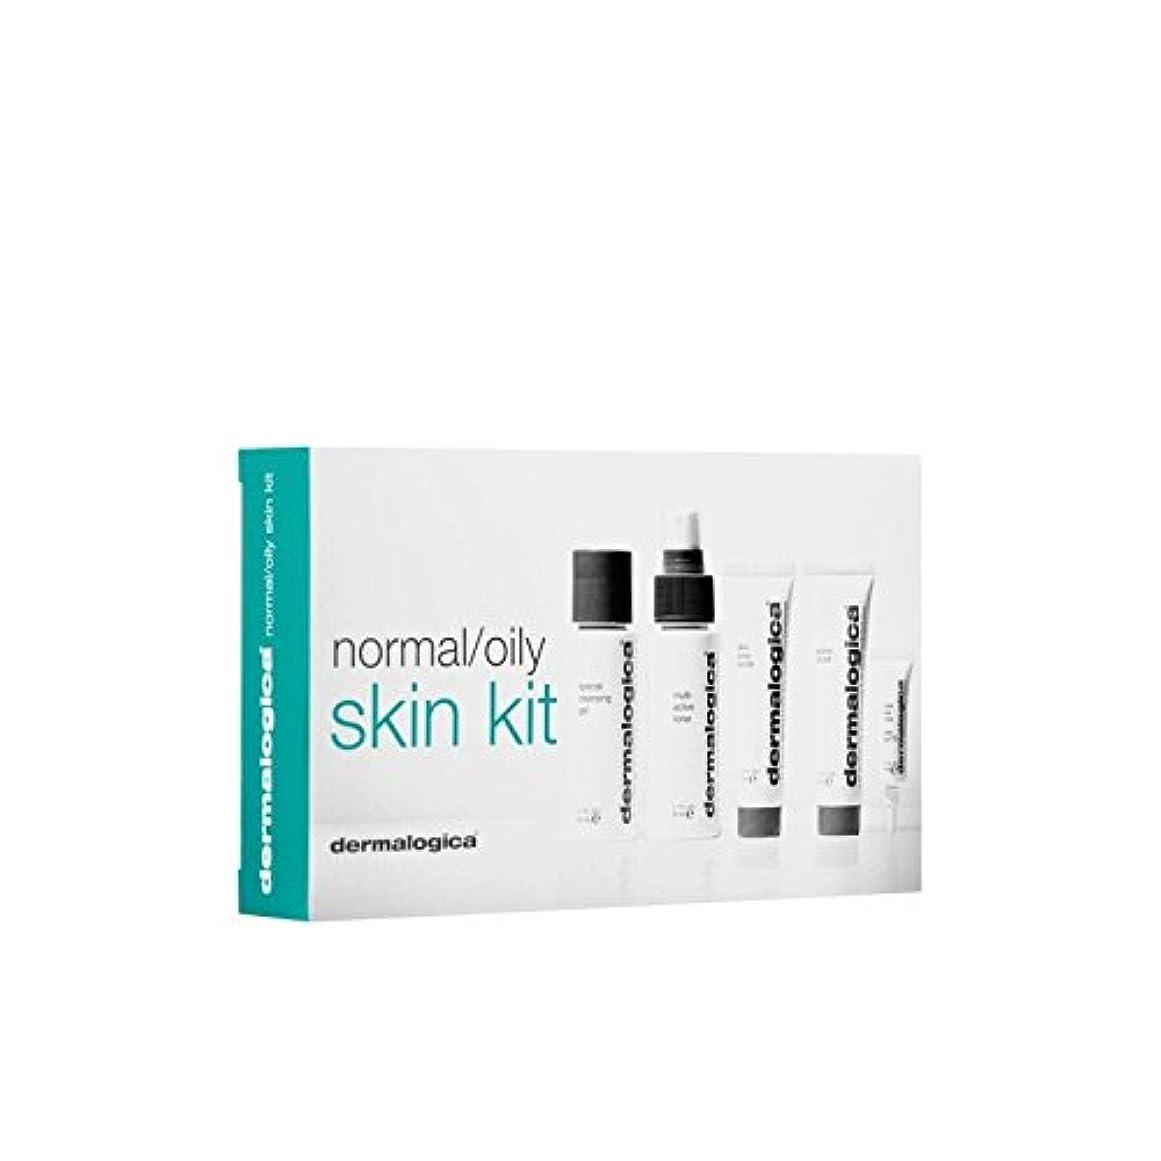 プロフィール具体的にハイライトDermalogica Skin Kit - Normal/Oily (5 Products) - ダーマロジカスキンキット - ノーマル/オイリー(5製品) [並行輸入品]